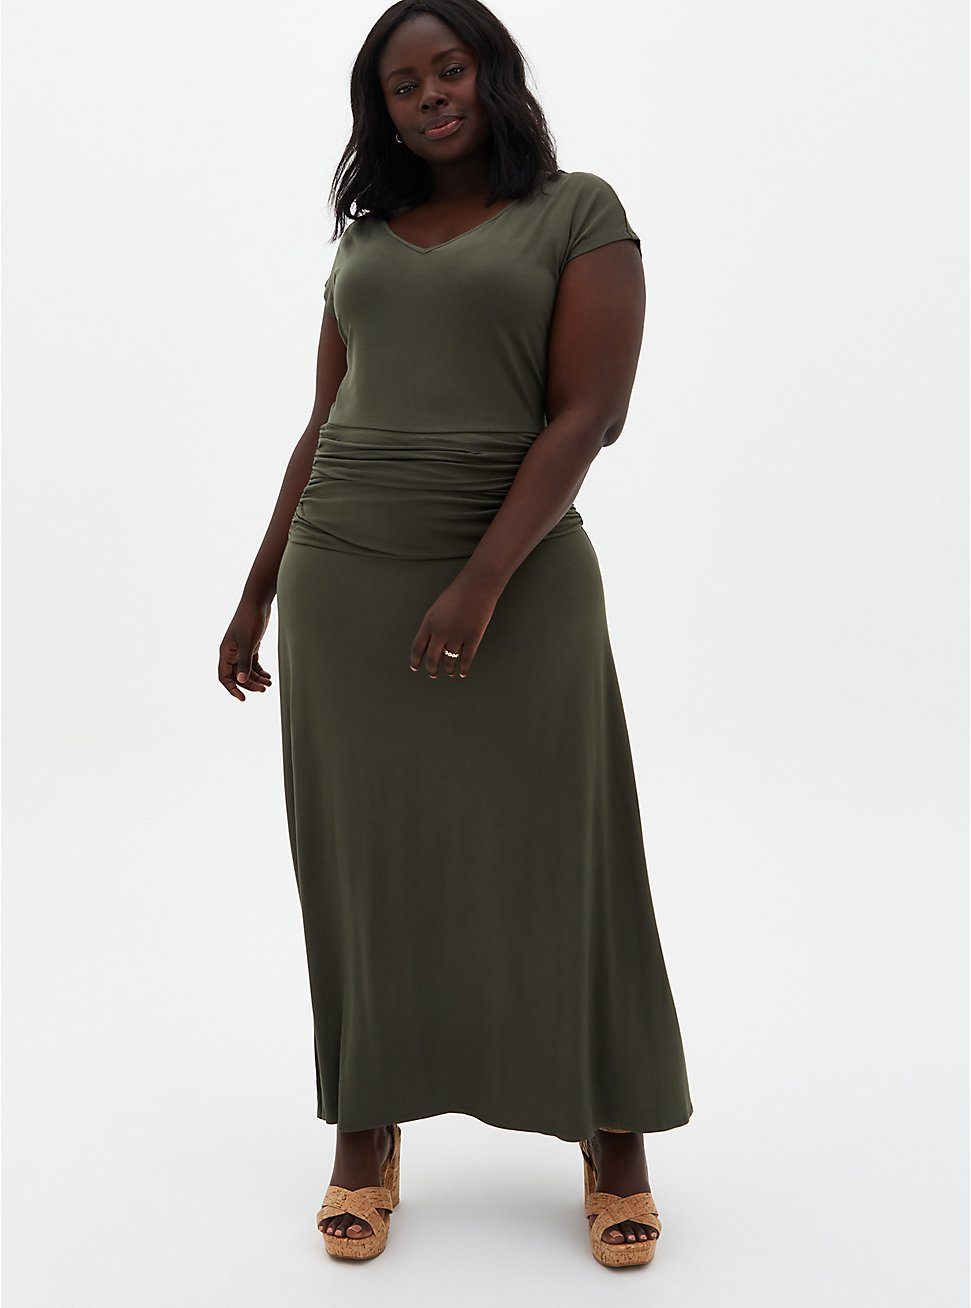 Olive Jersey Maxi Dress, DEEP DEPTHS, hi-res